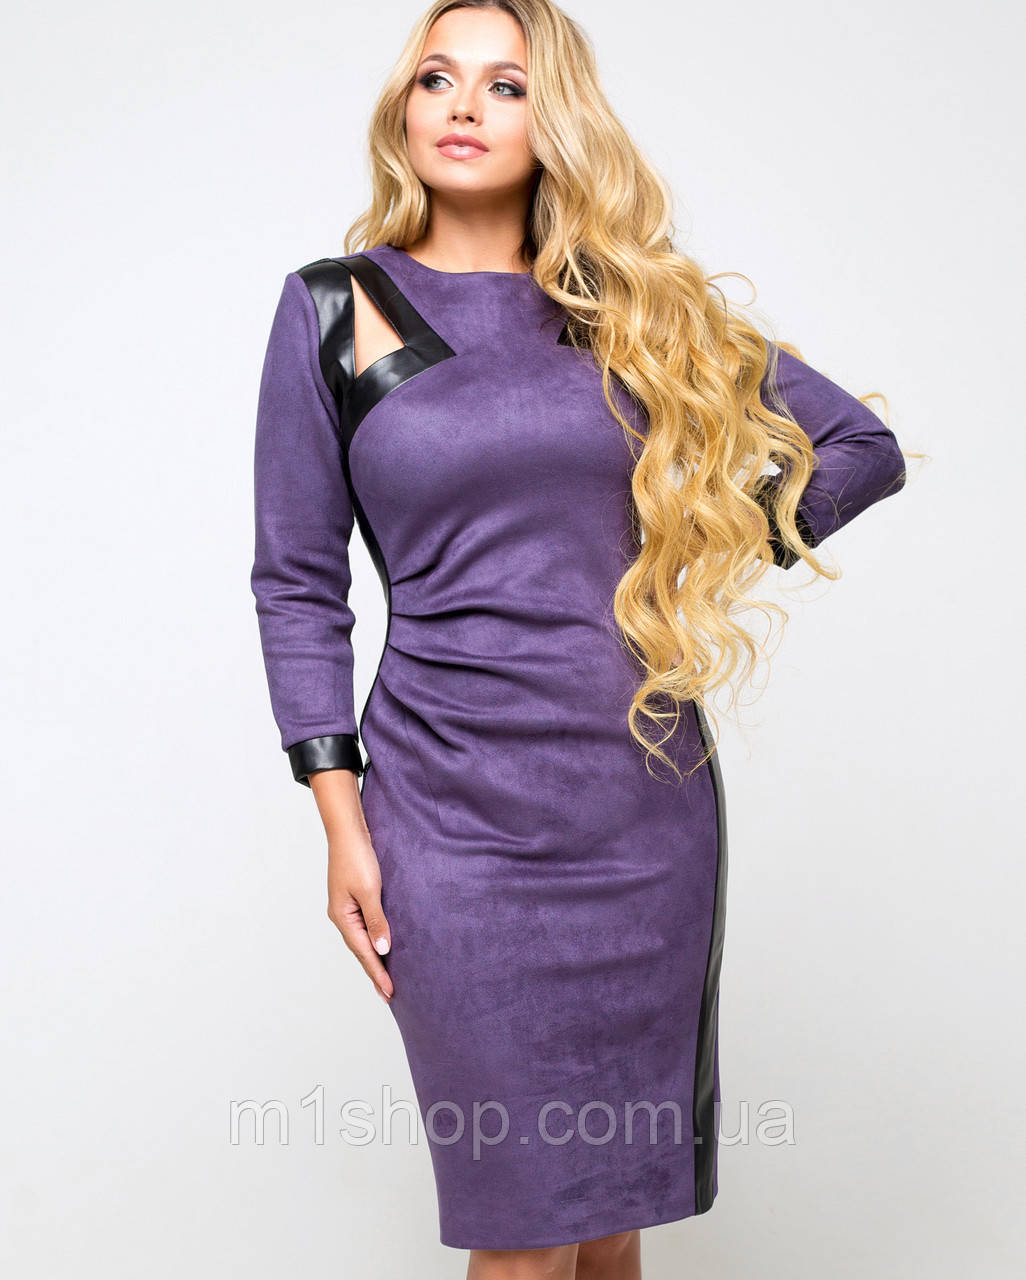 Женское замшевое фиолетовое платье (Соломия lzn)